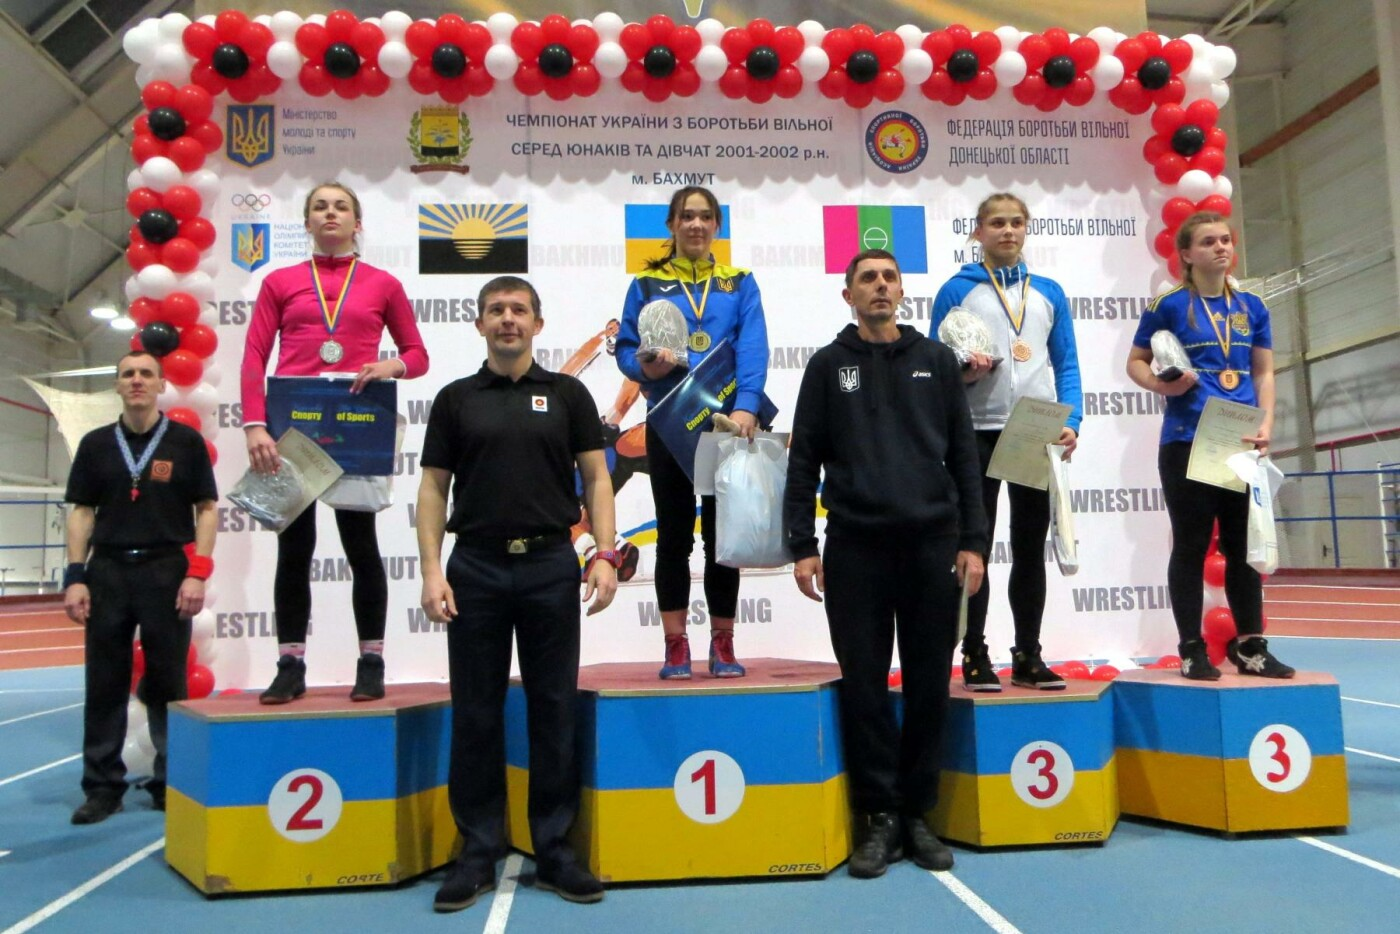 Дружковчанка Дарья Калиниченко завоевала «бронзу» чемпионата Украины по вольной борьбе, фото-1